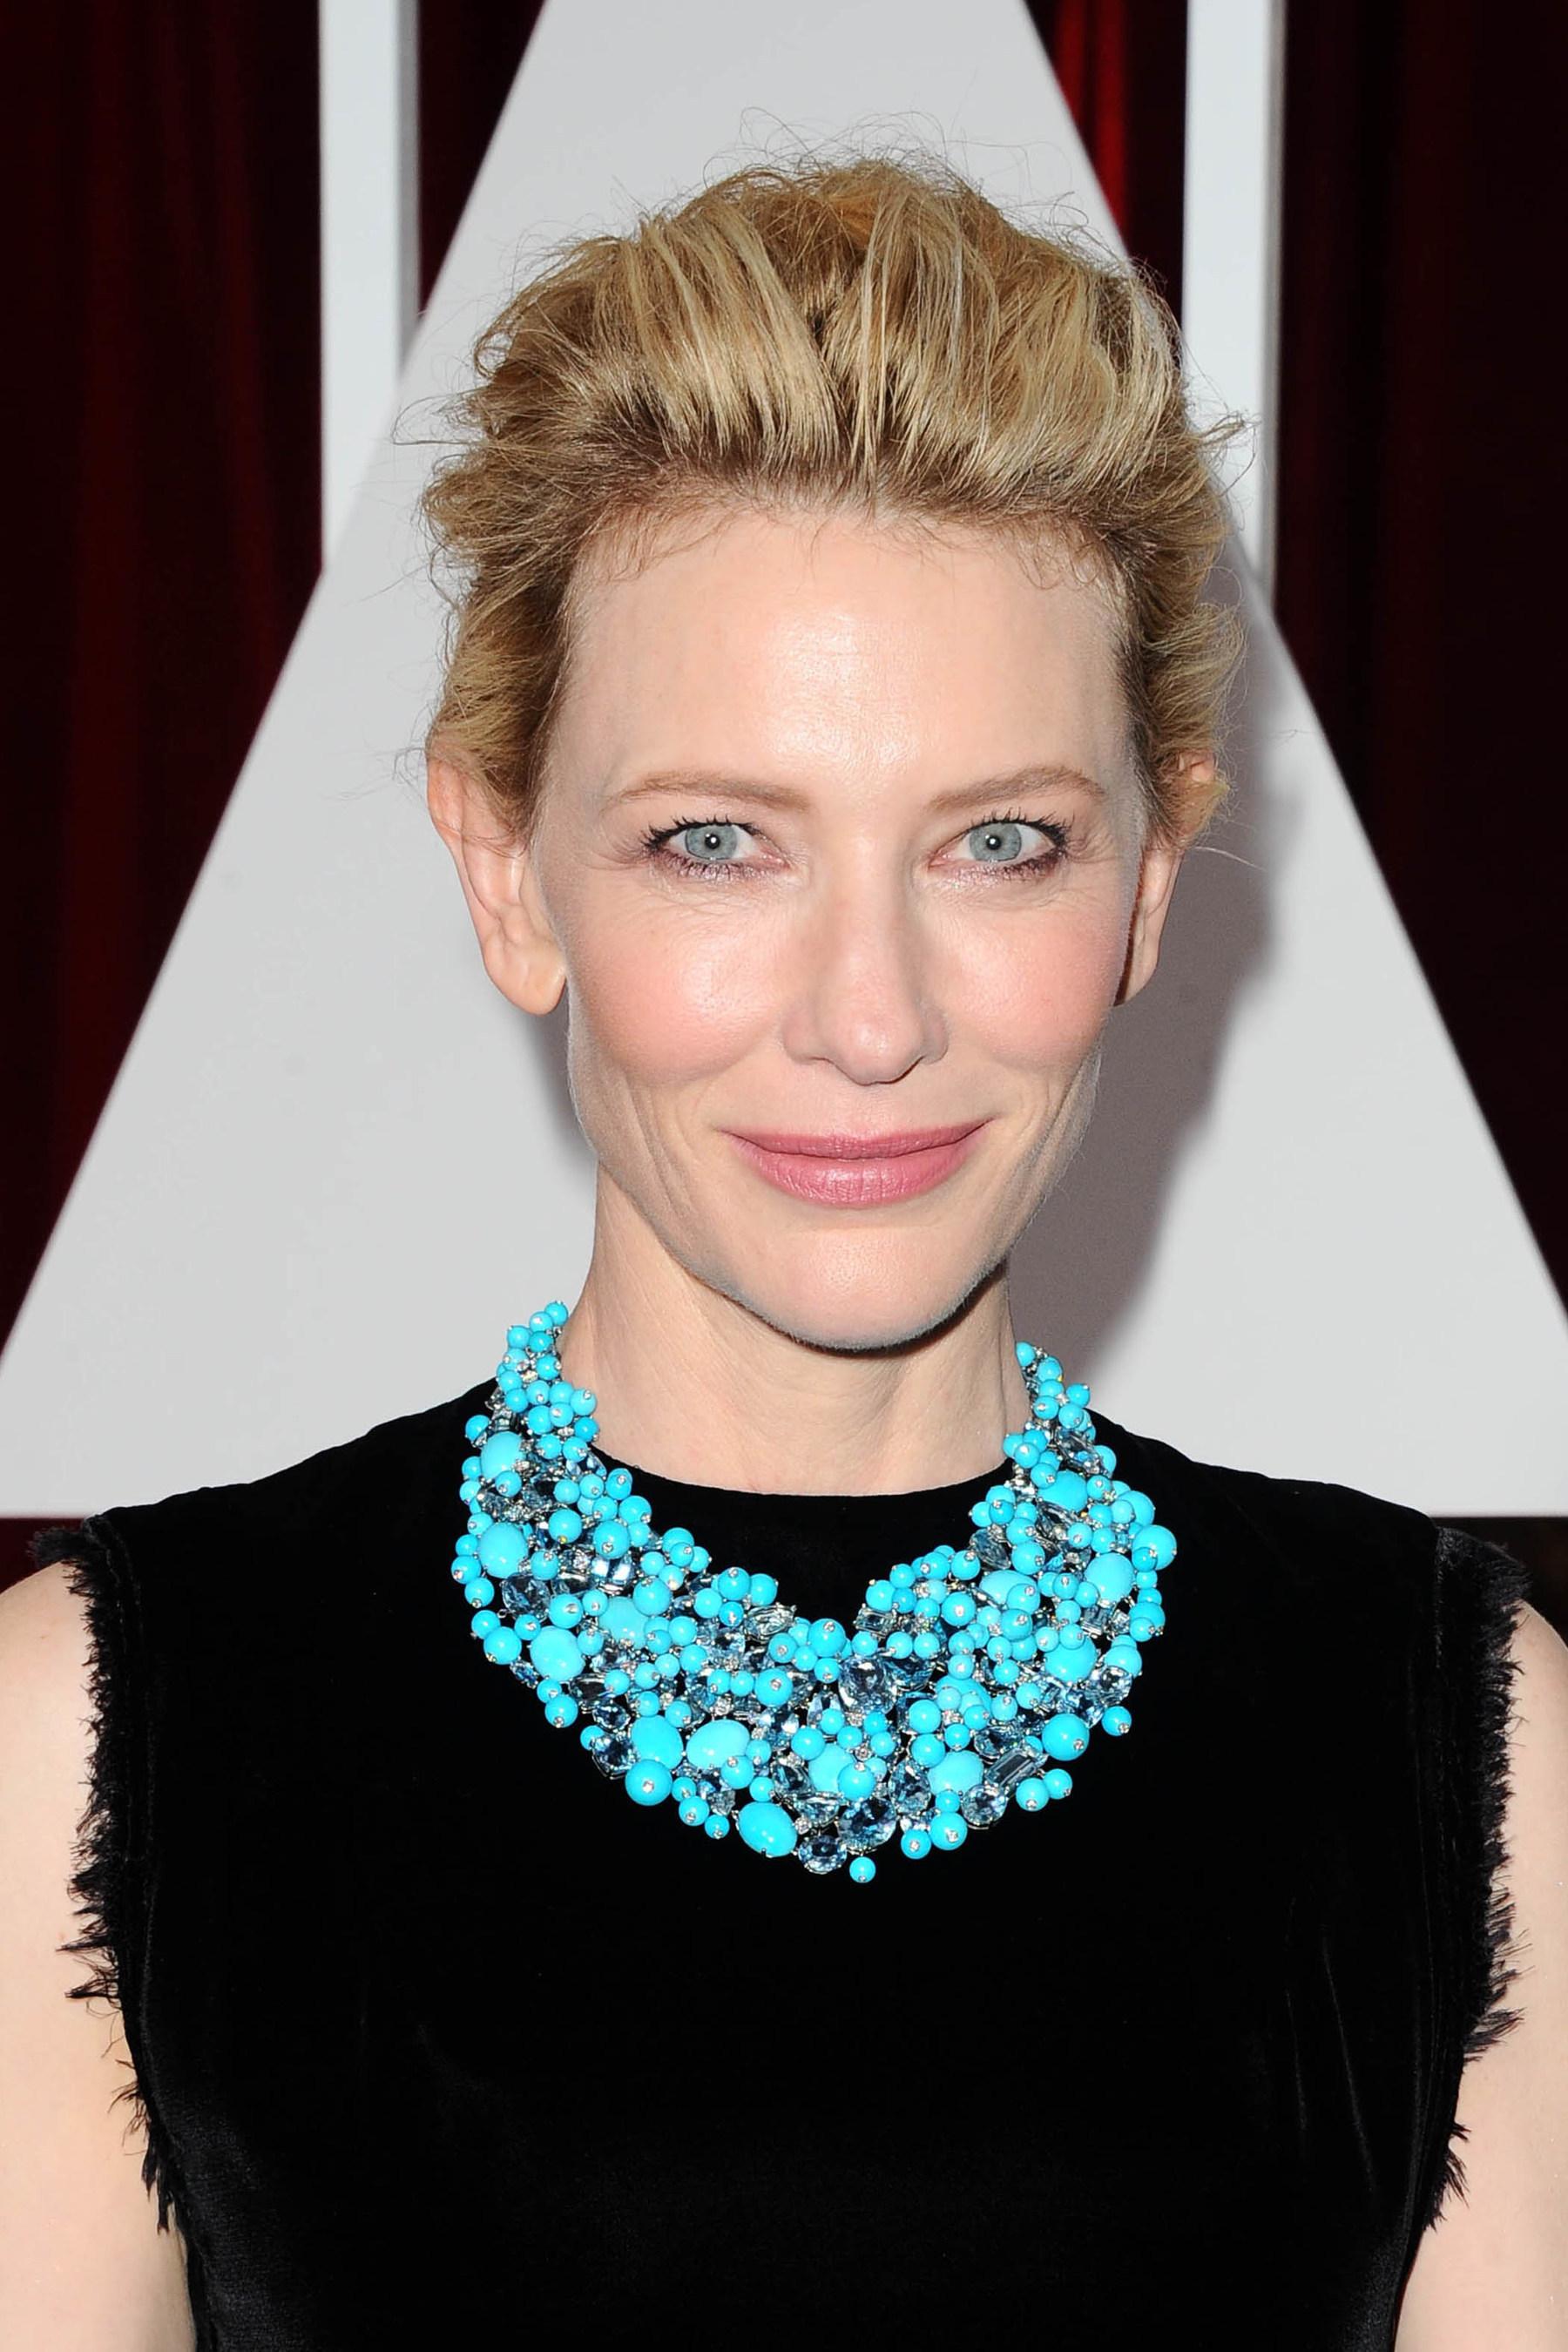 Cate Blanchett Wears Platinum Jewelry to the Oscars #BePlatinum